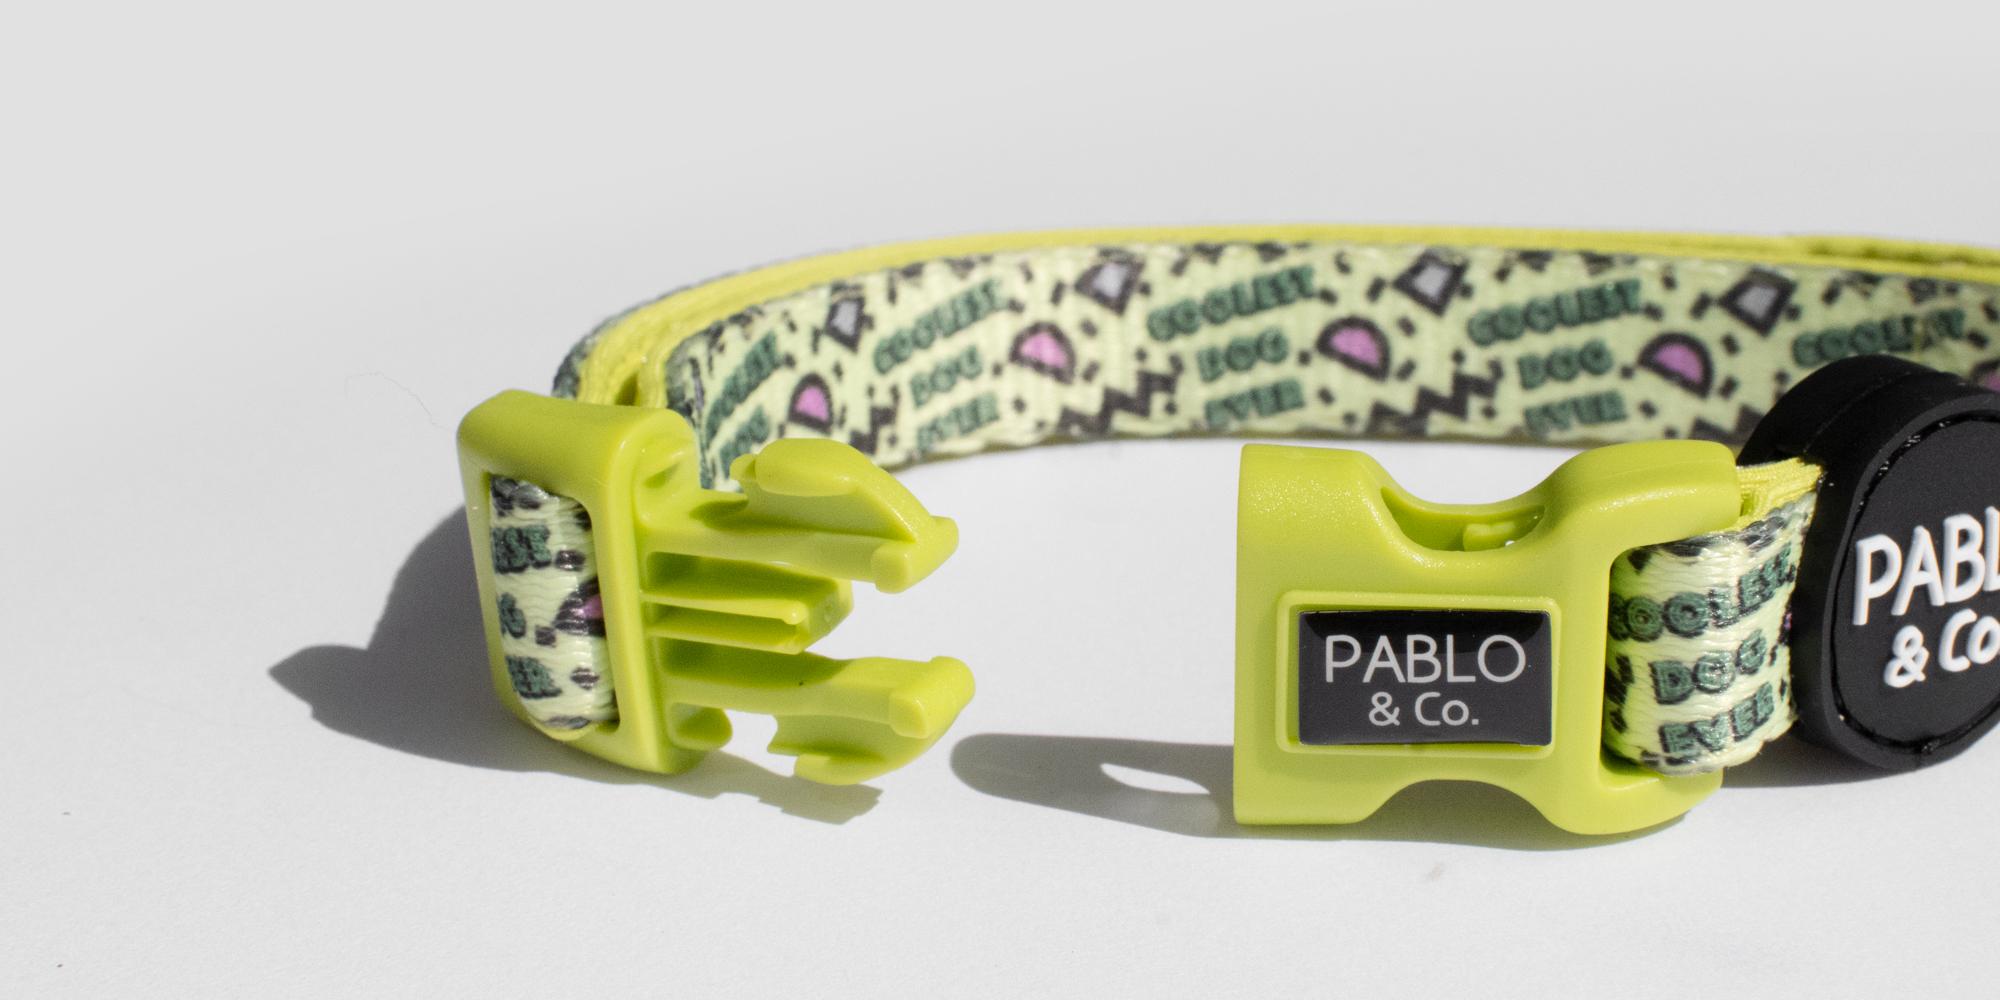 オーストラリアのドッグブランド「Pablo & Co.(パブロ&コー)」のピンク&トラ模様の首輪。バックルは片手で簡単に装着できます。